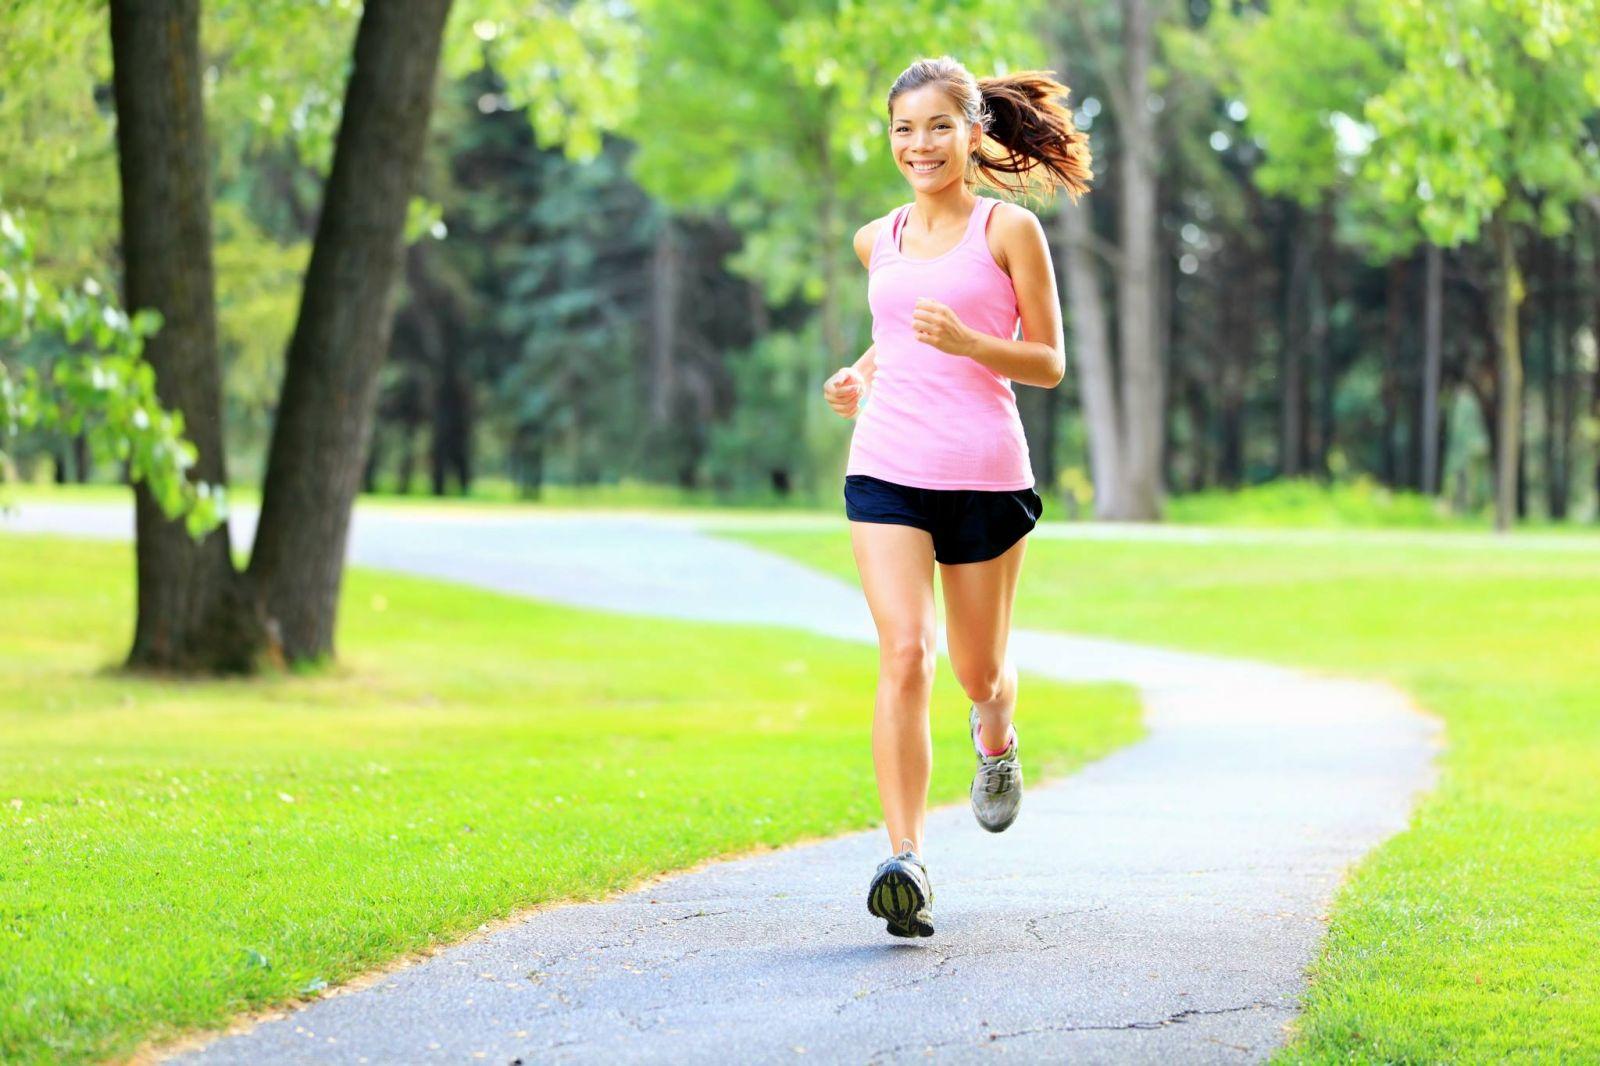 Chọn thời gian chạy bộ giảm cân hợp lý